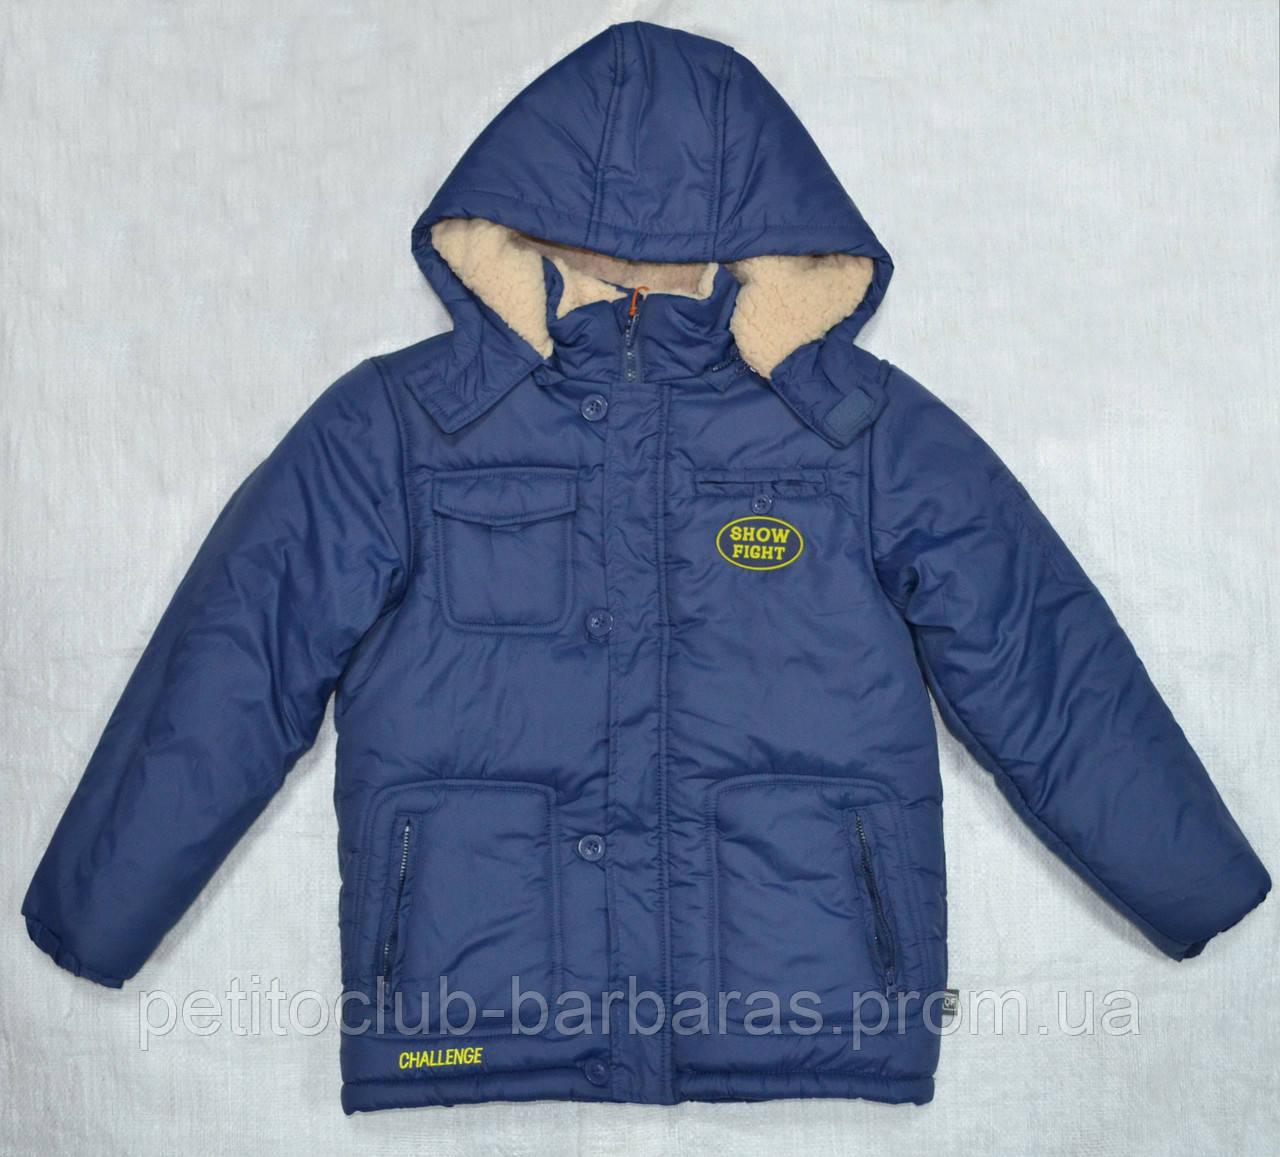 Куртка зимняя Snow Flight синяя (р. 116-158 см) (QuadriFoglio, Польша)